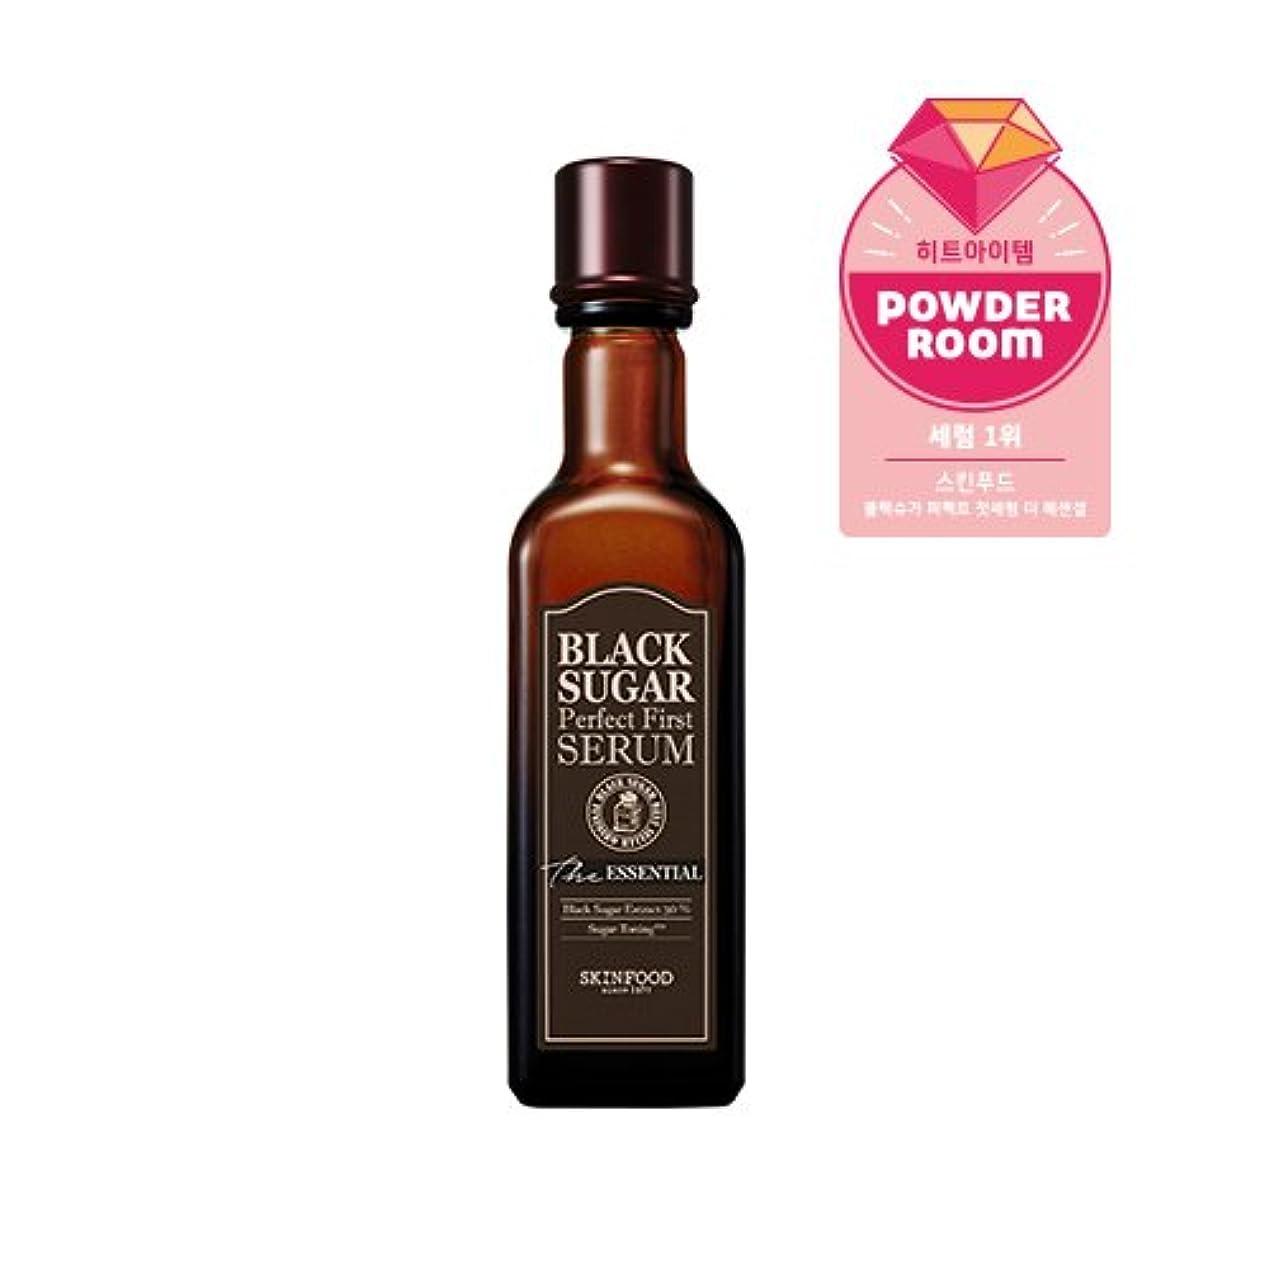 出席ブラウザ戸惑うSkinfood black sugar perfect first serum the essential/黒糖完璧な最初の血清必須/120ml +60ea [並行輸入品]